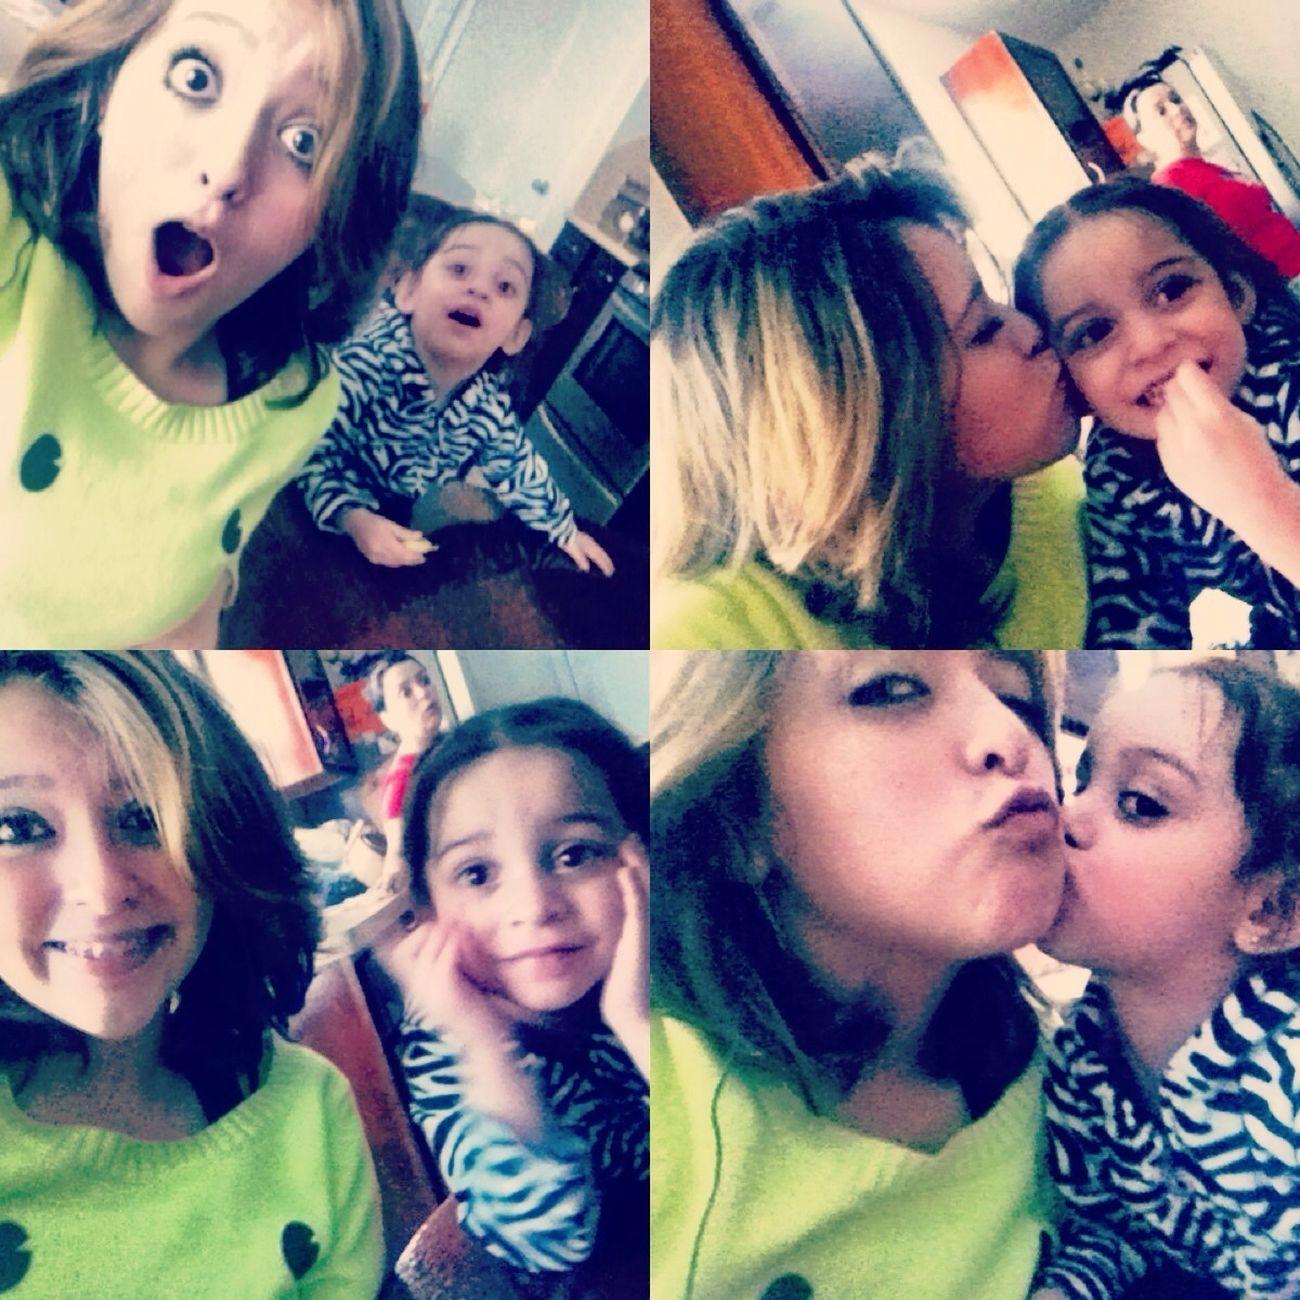 She My World!